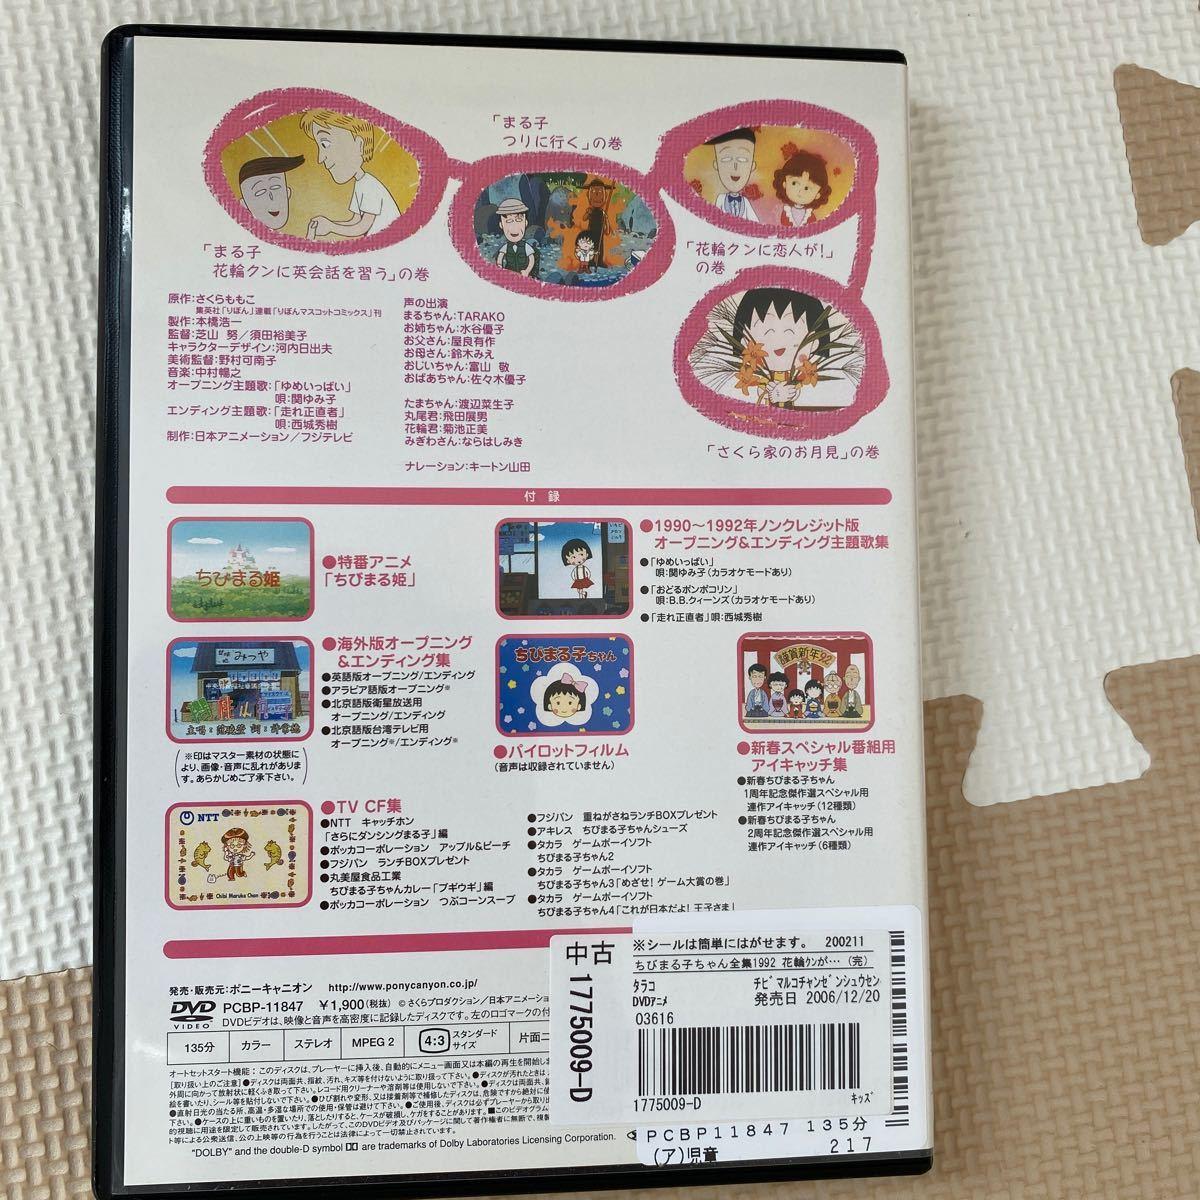 ちびまる子ちゃん全集 1992 DVD